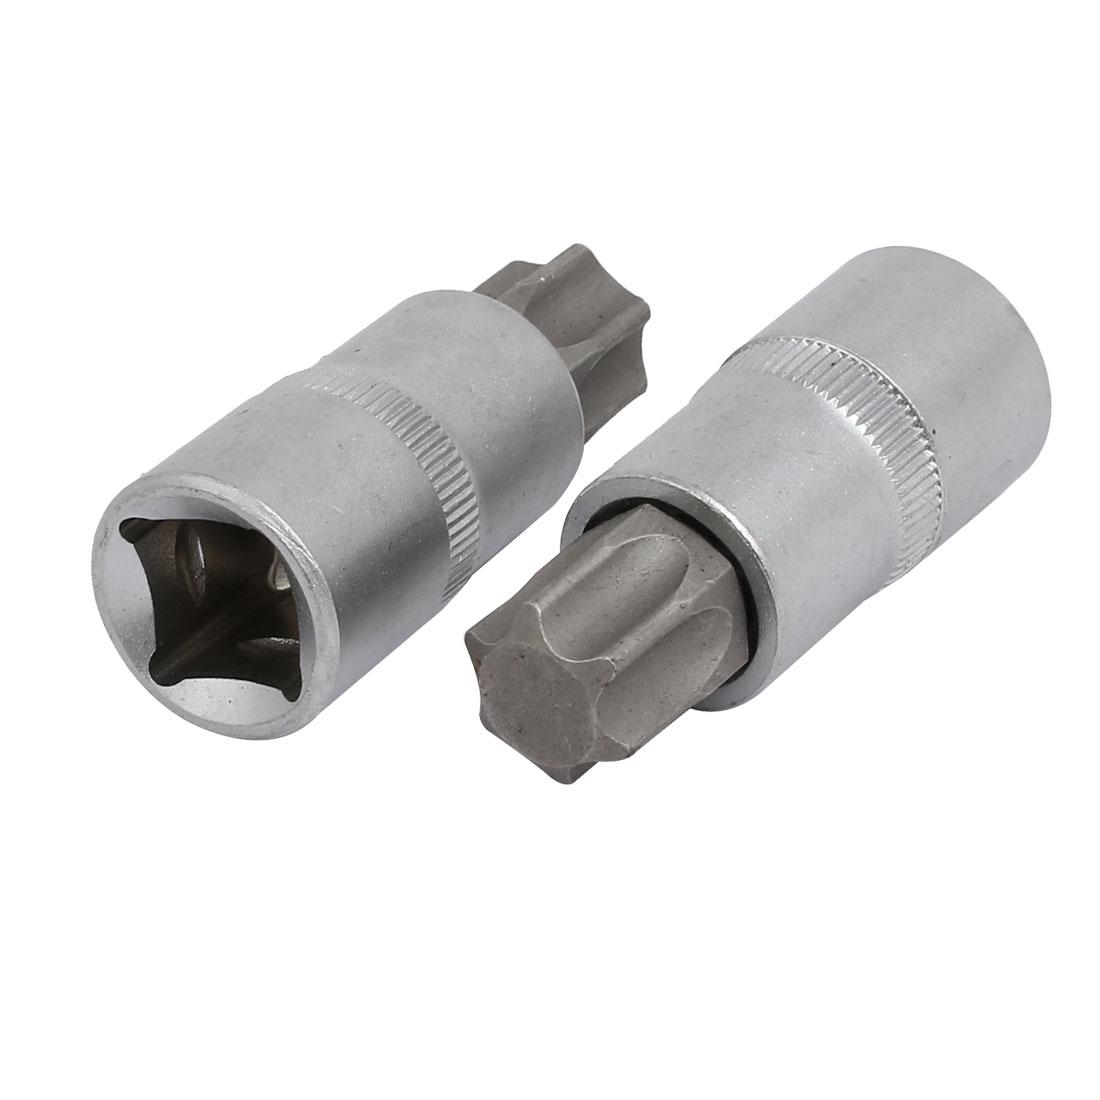 TX70 Torx Head 1/2-inch Square Chrome Vanadium Steel Drive Socket Adapter 2pcs